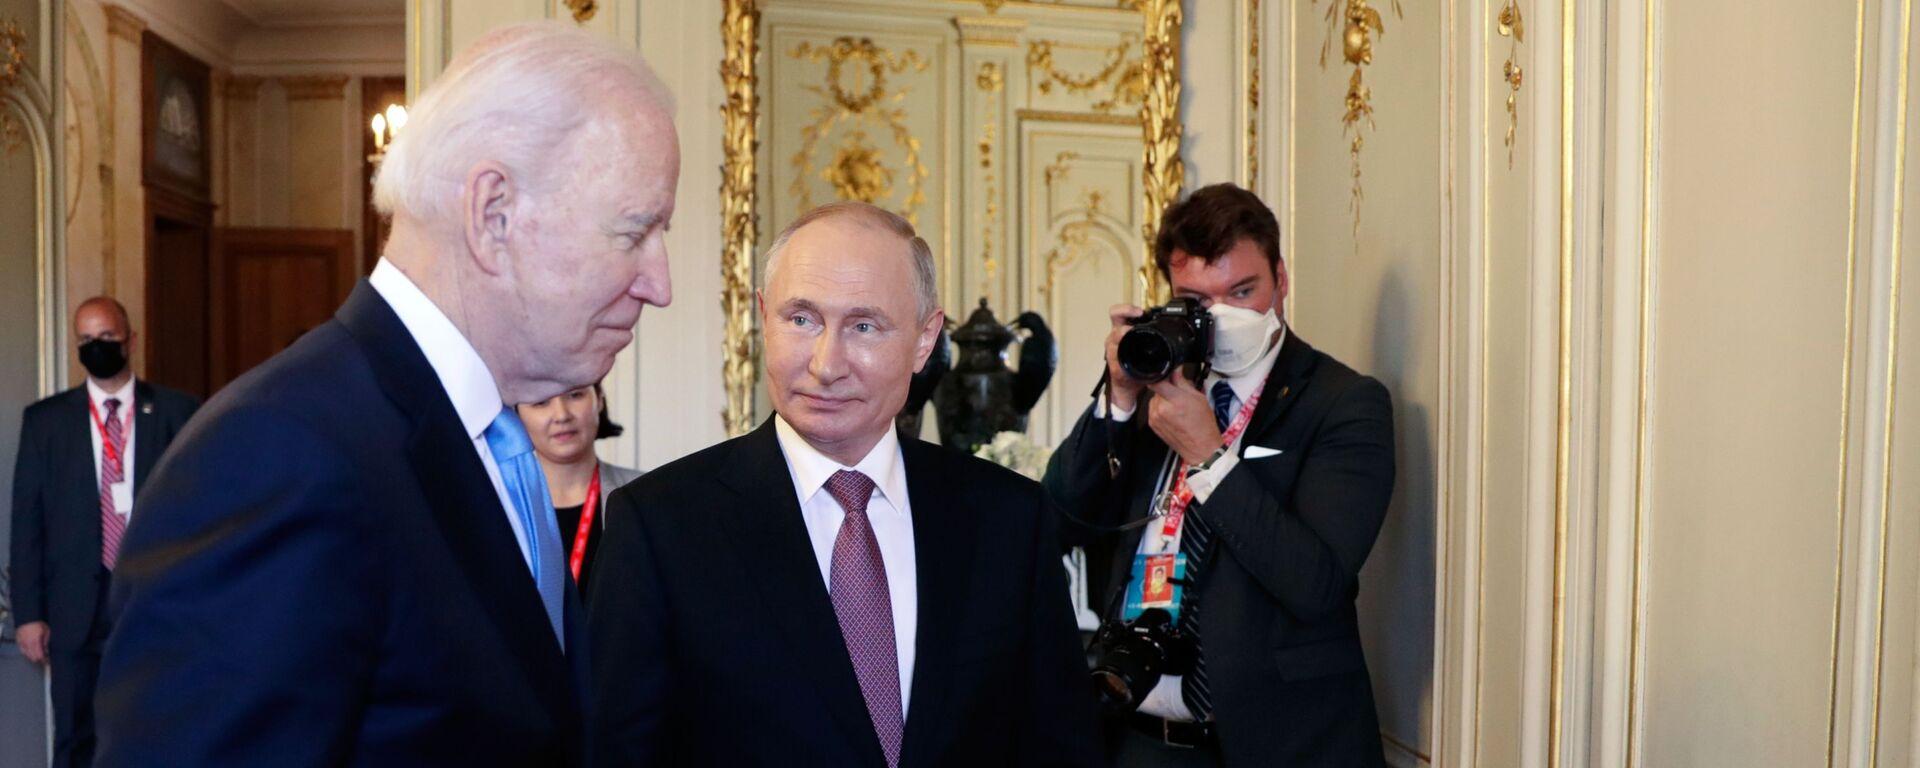 Tổng thống Nga Vladimir Putin và Tổng thống Mỹ Joe Biden trước khi bắt đầu các cuộc đàm phán Nga-Mỹ theo định dạng mở rộng tại Villa La Grange ở Geneva - Sputnik Việt Nam, 1920, 18.06.2021